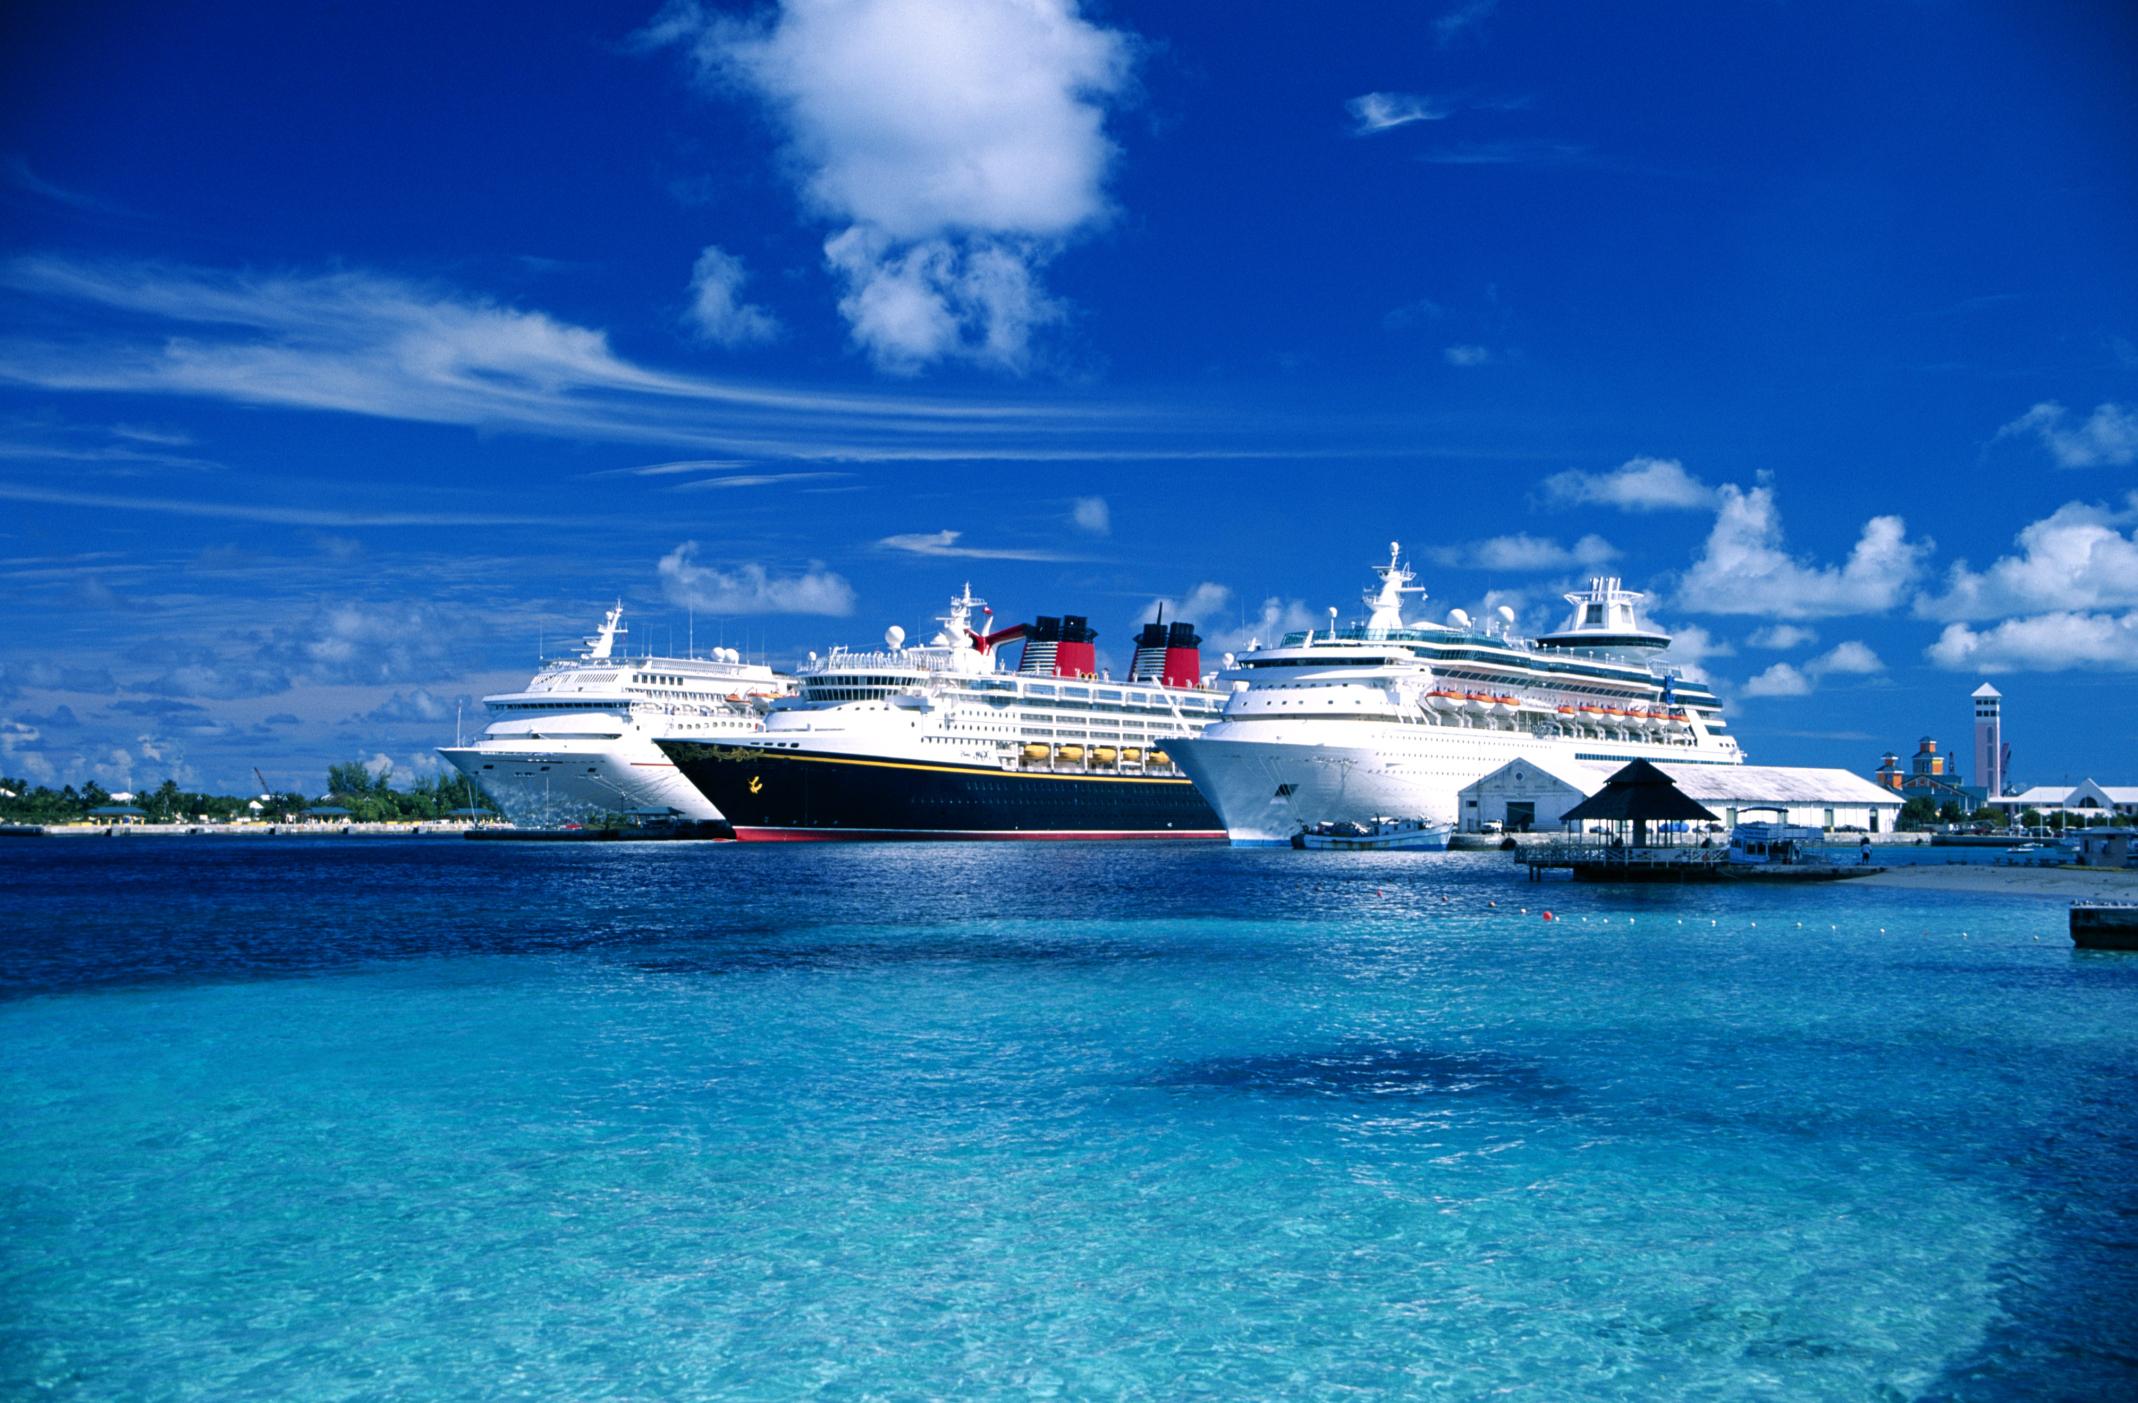 2 Day Cruises To Nassau Bahamas With Tours To Atlantis Usa Today